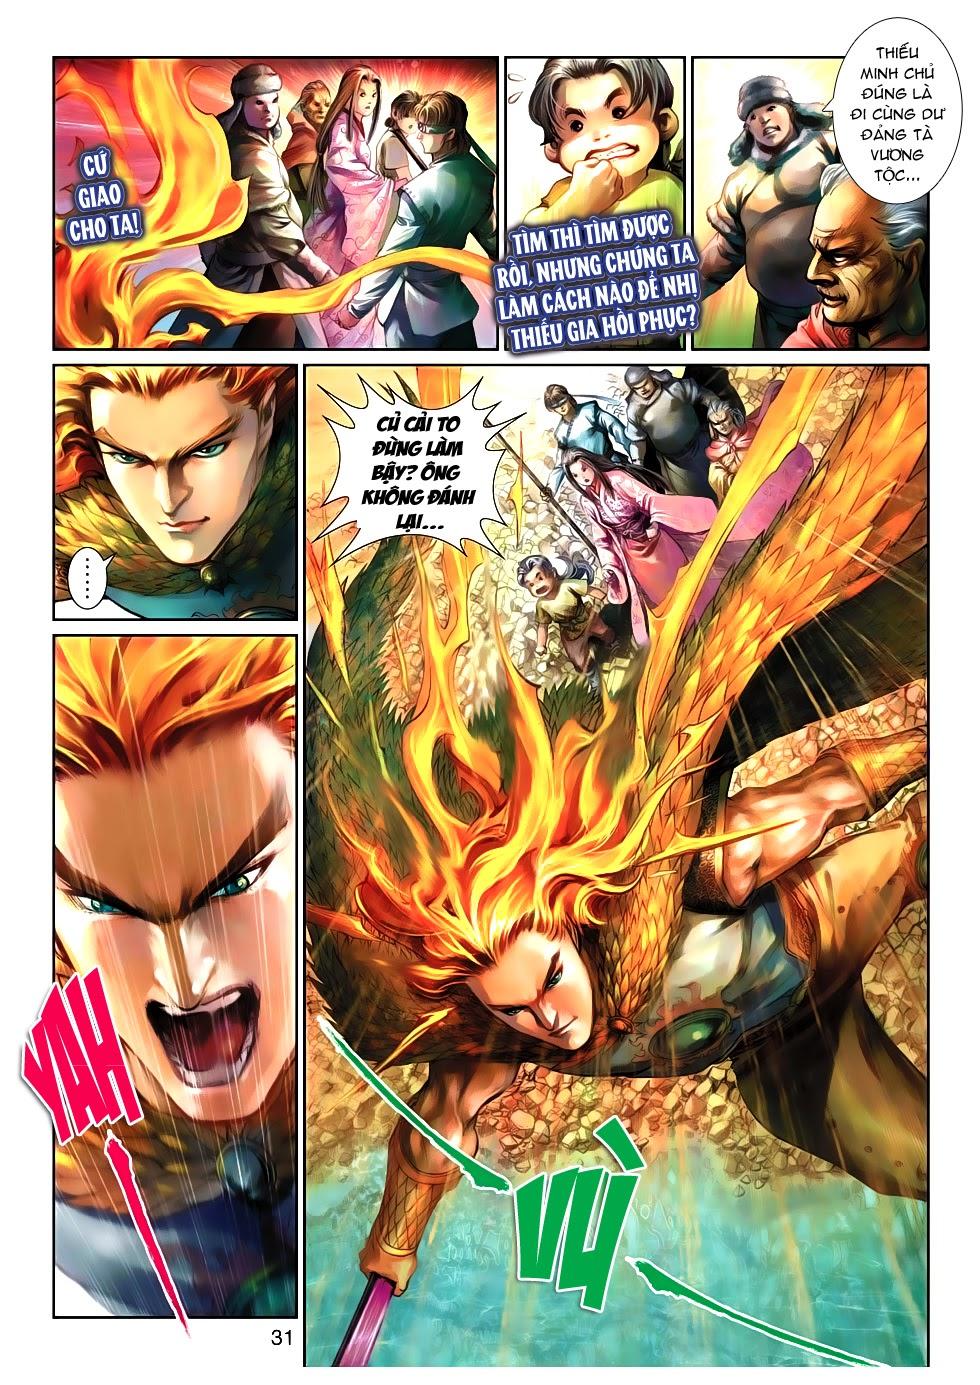 Thần Binh Tiền Truyện 4 - Huyền Thiên Tà Đế chap 10 - Trang 31